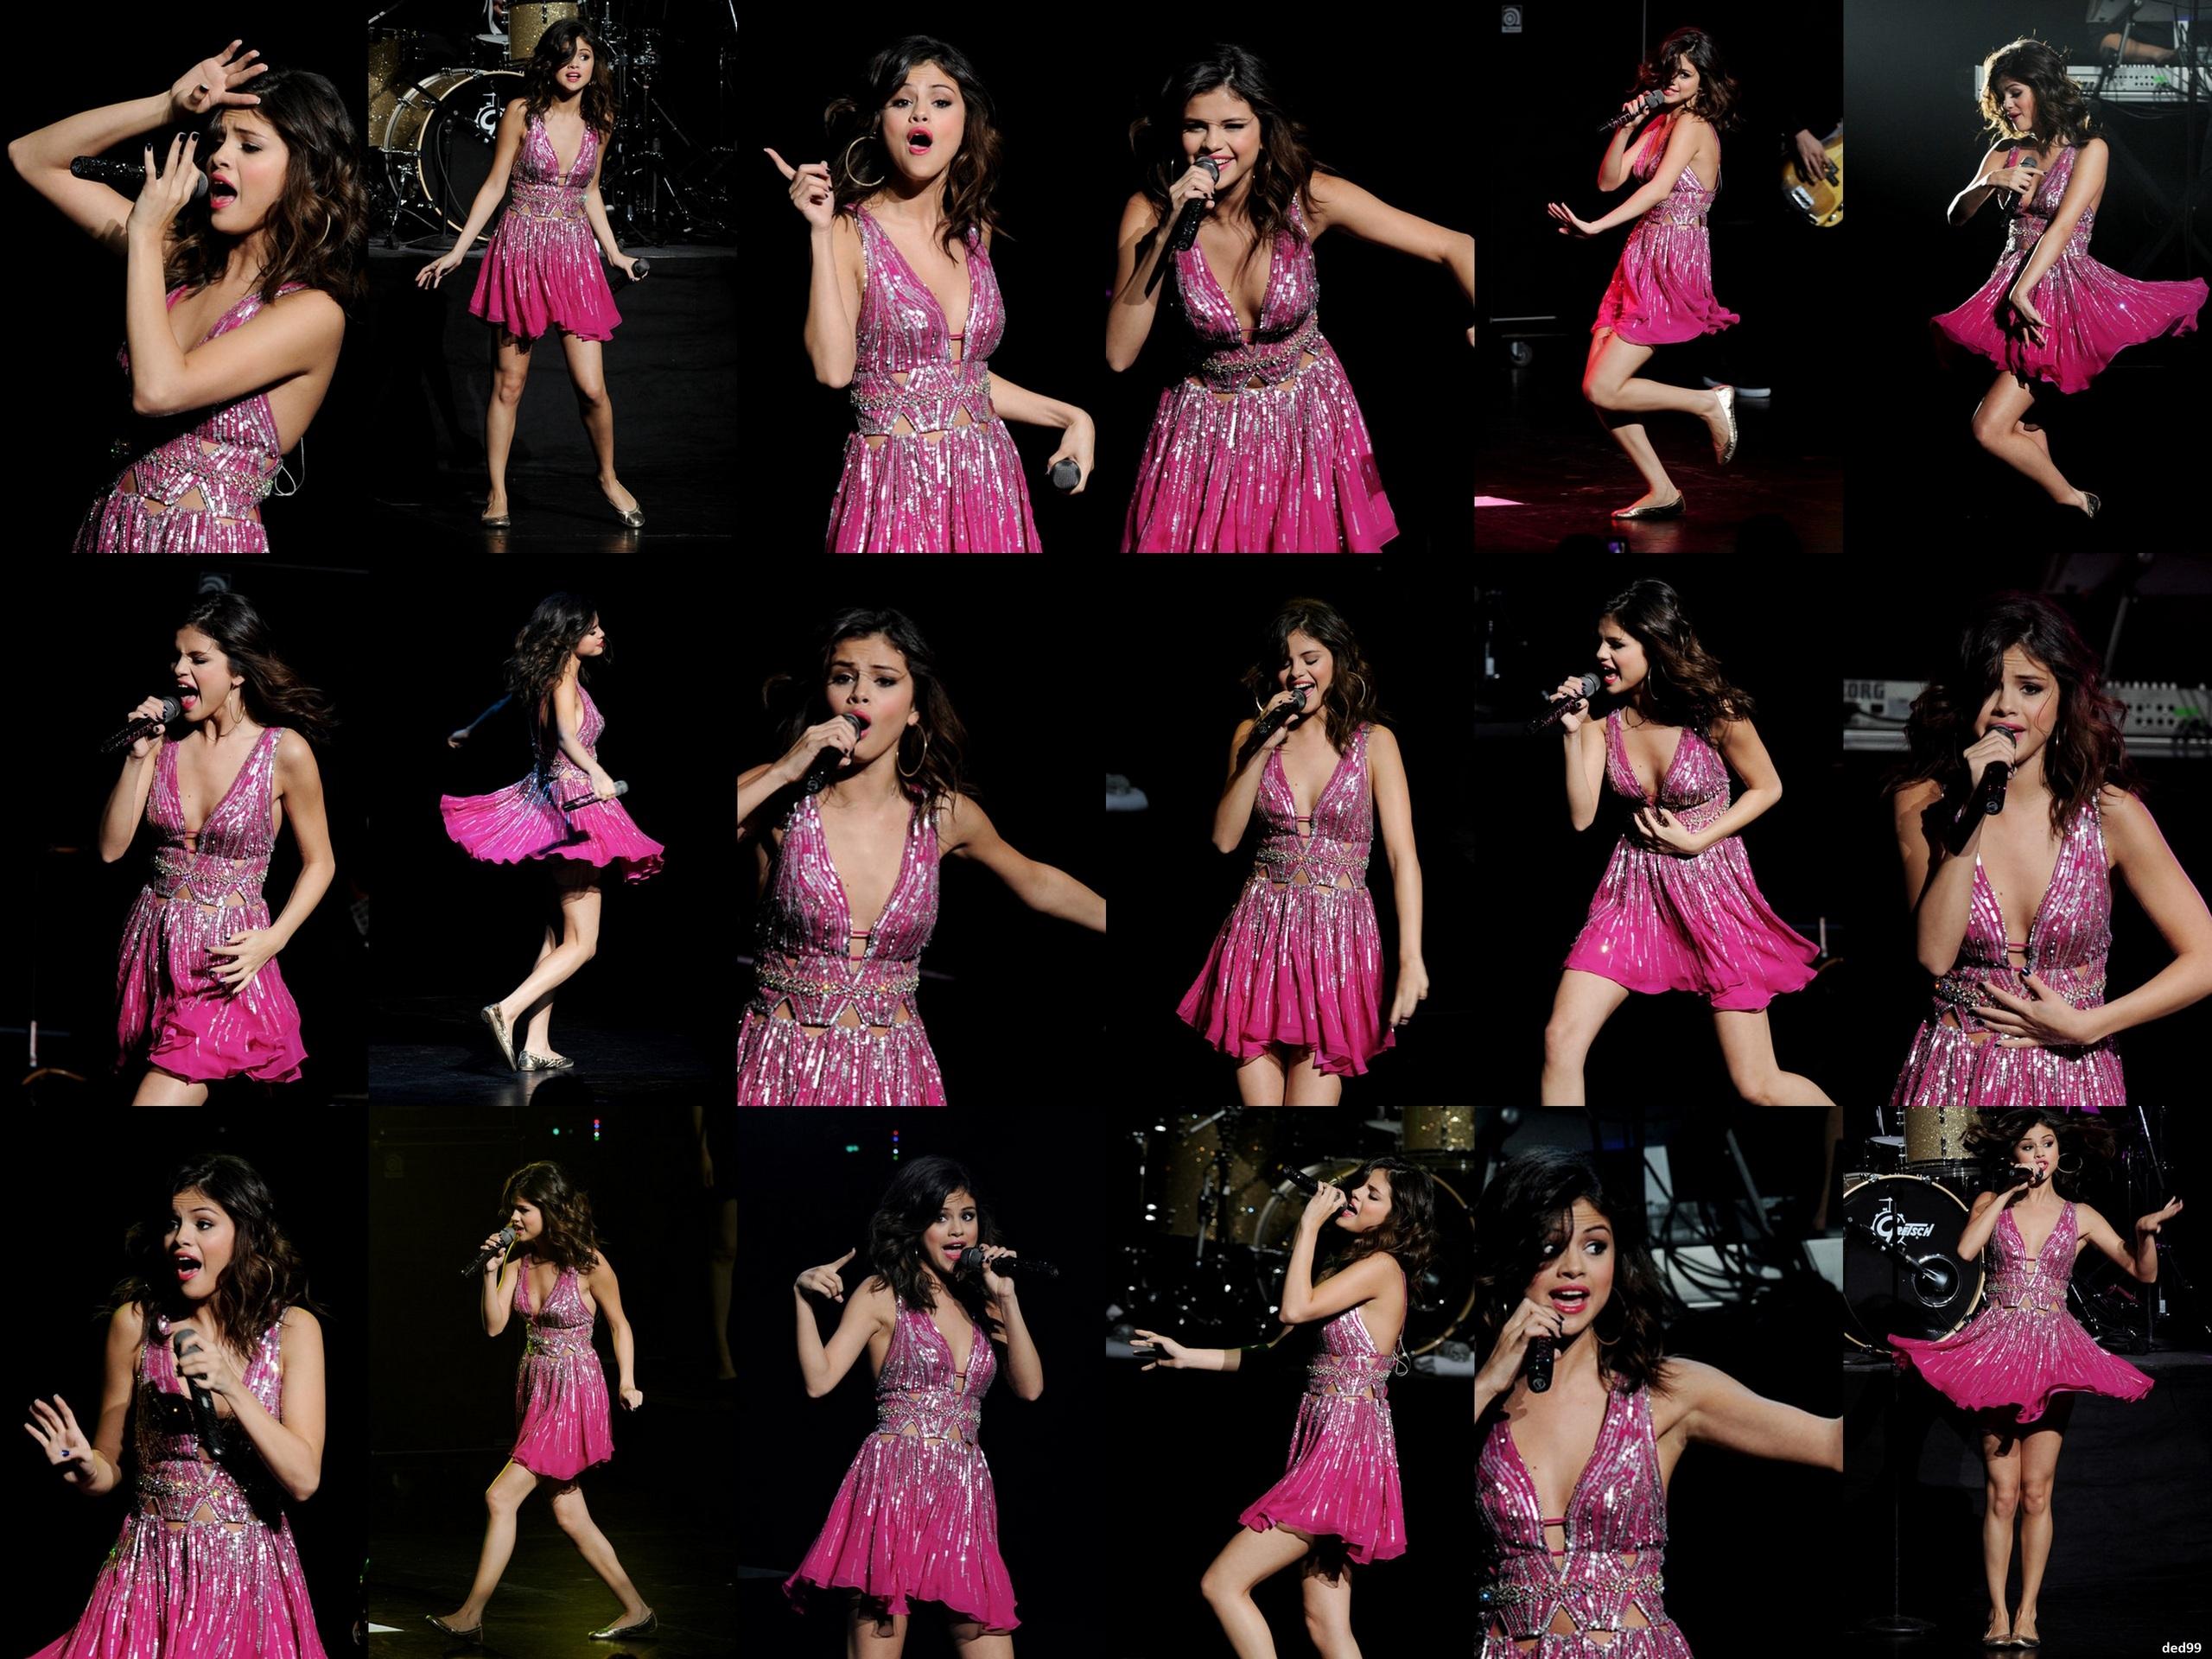 Selena-Gomez-selena-gomez-20984375-2560-1920.jpg